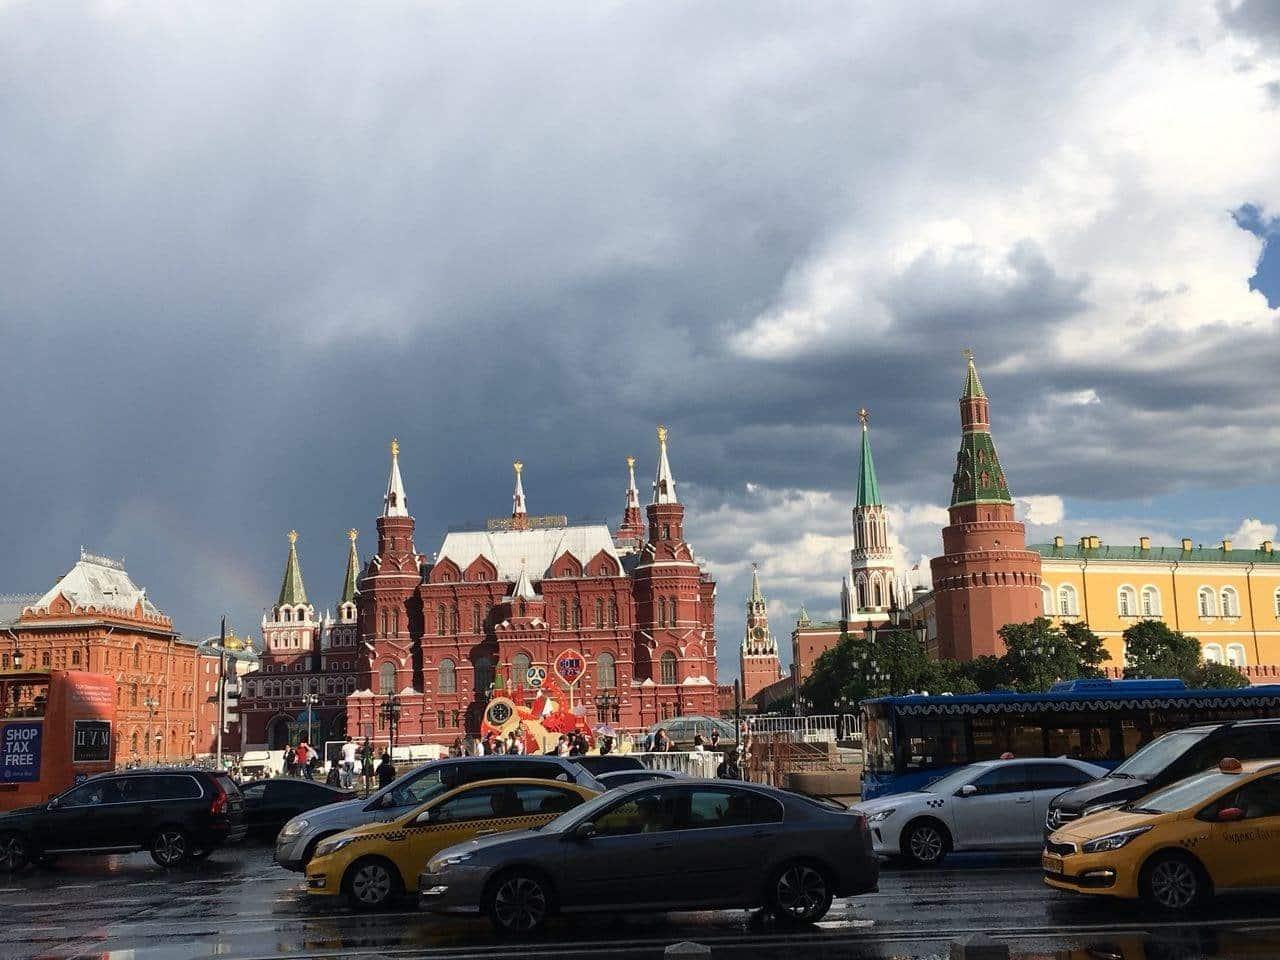 Погода в Москве с 1 по 7 июля 2019: подробный прогноз Гидрометцентра по дням, данные синоптиков